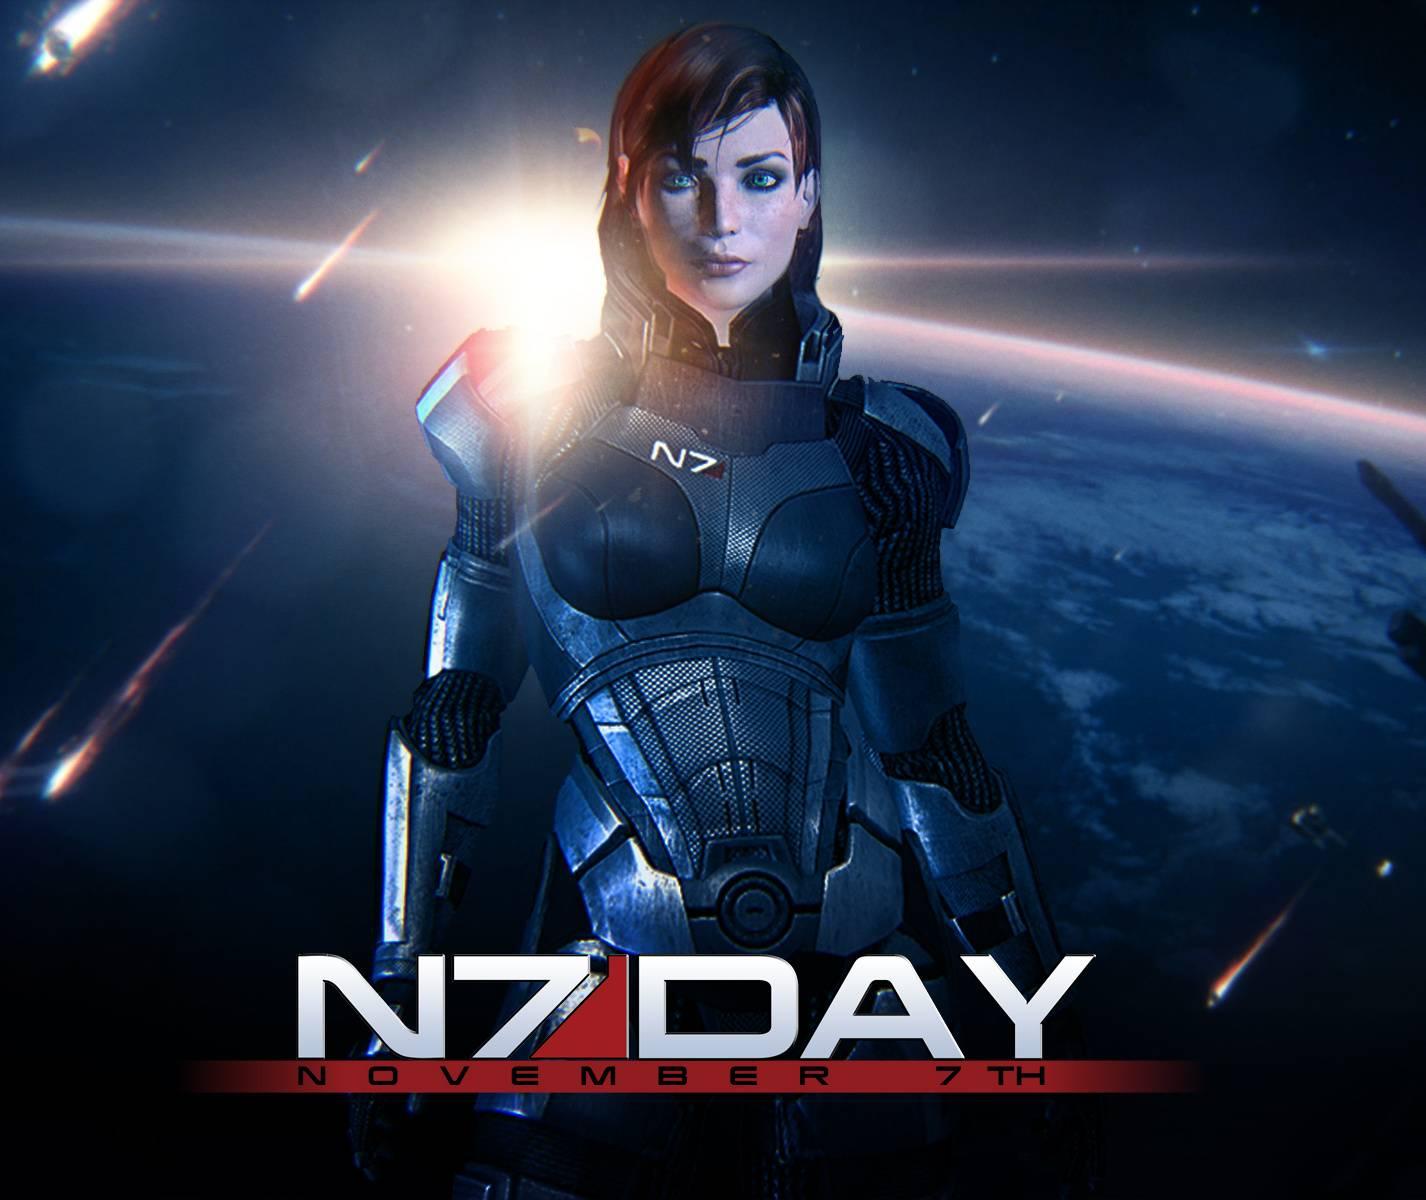 N7day Femshep